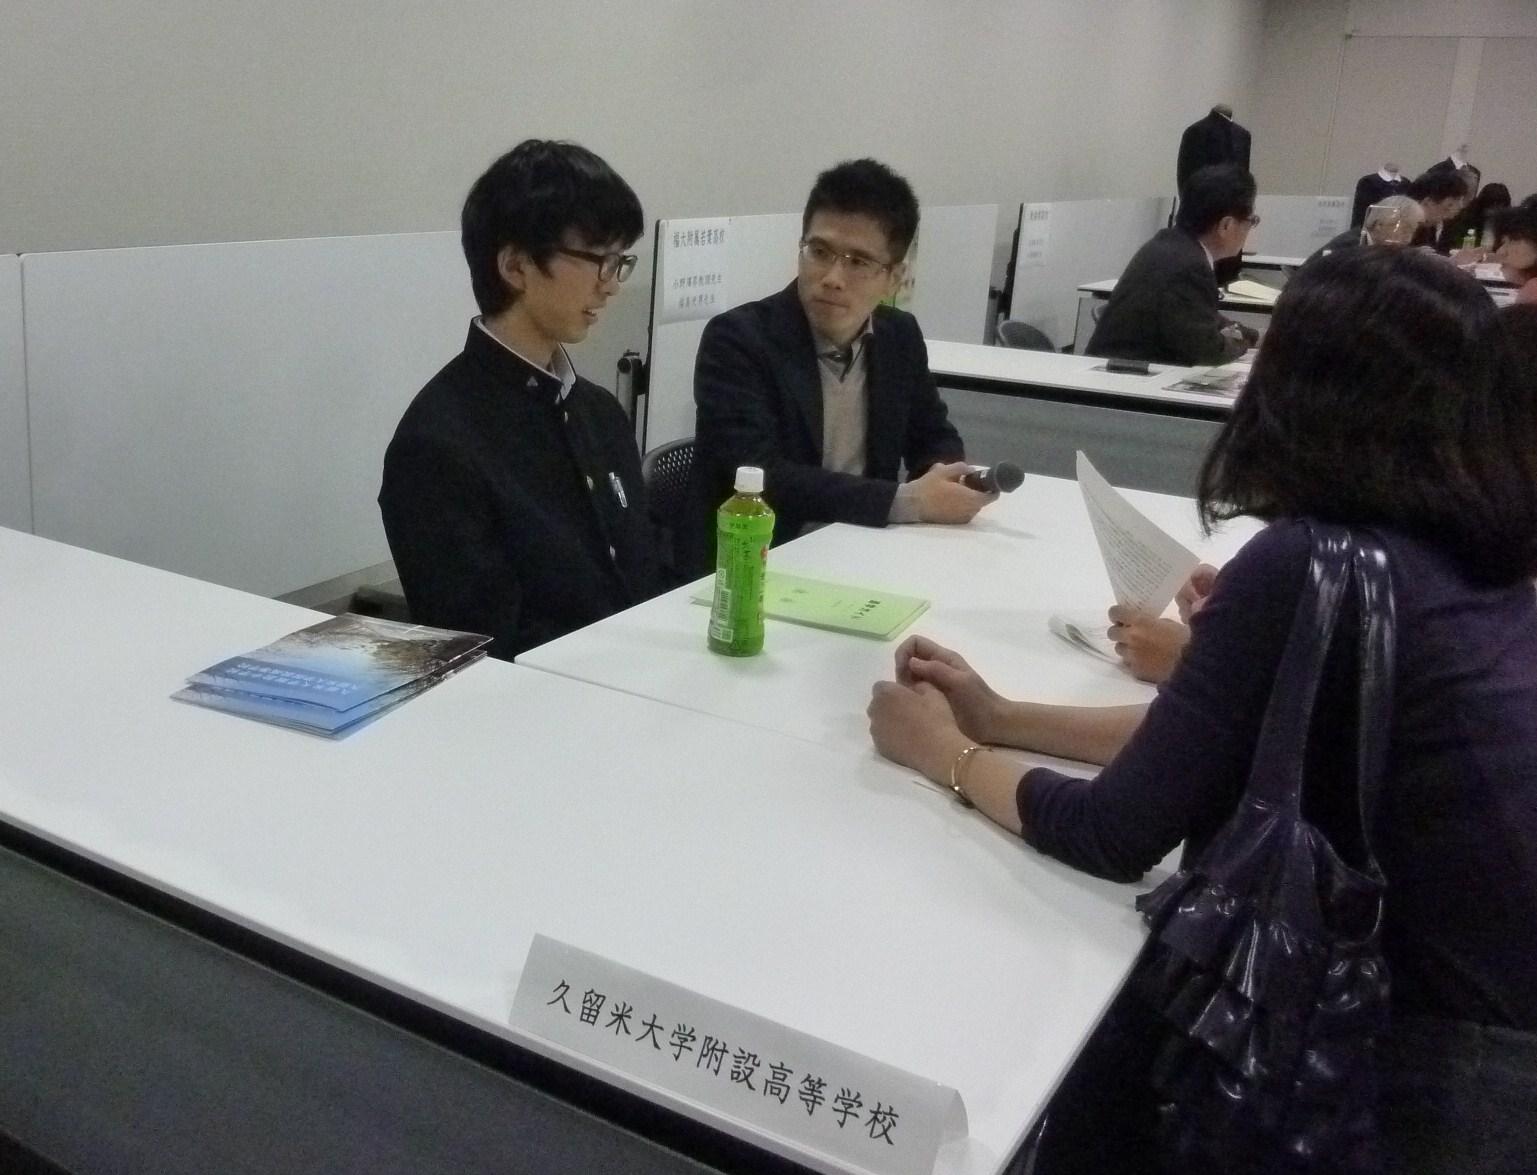 ◇2014年度 高校進学説明会-第1部-のようす_d0116009_8315460.jpg